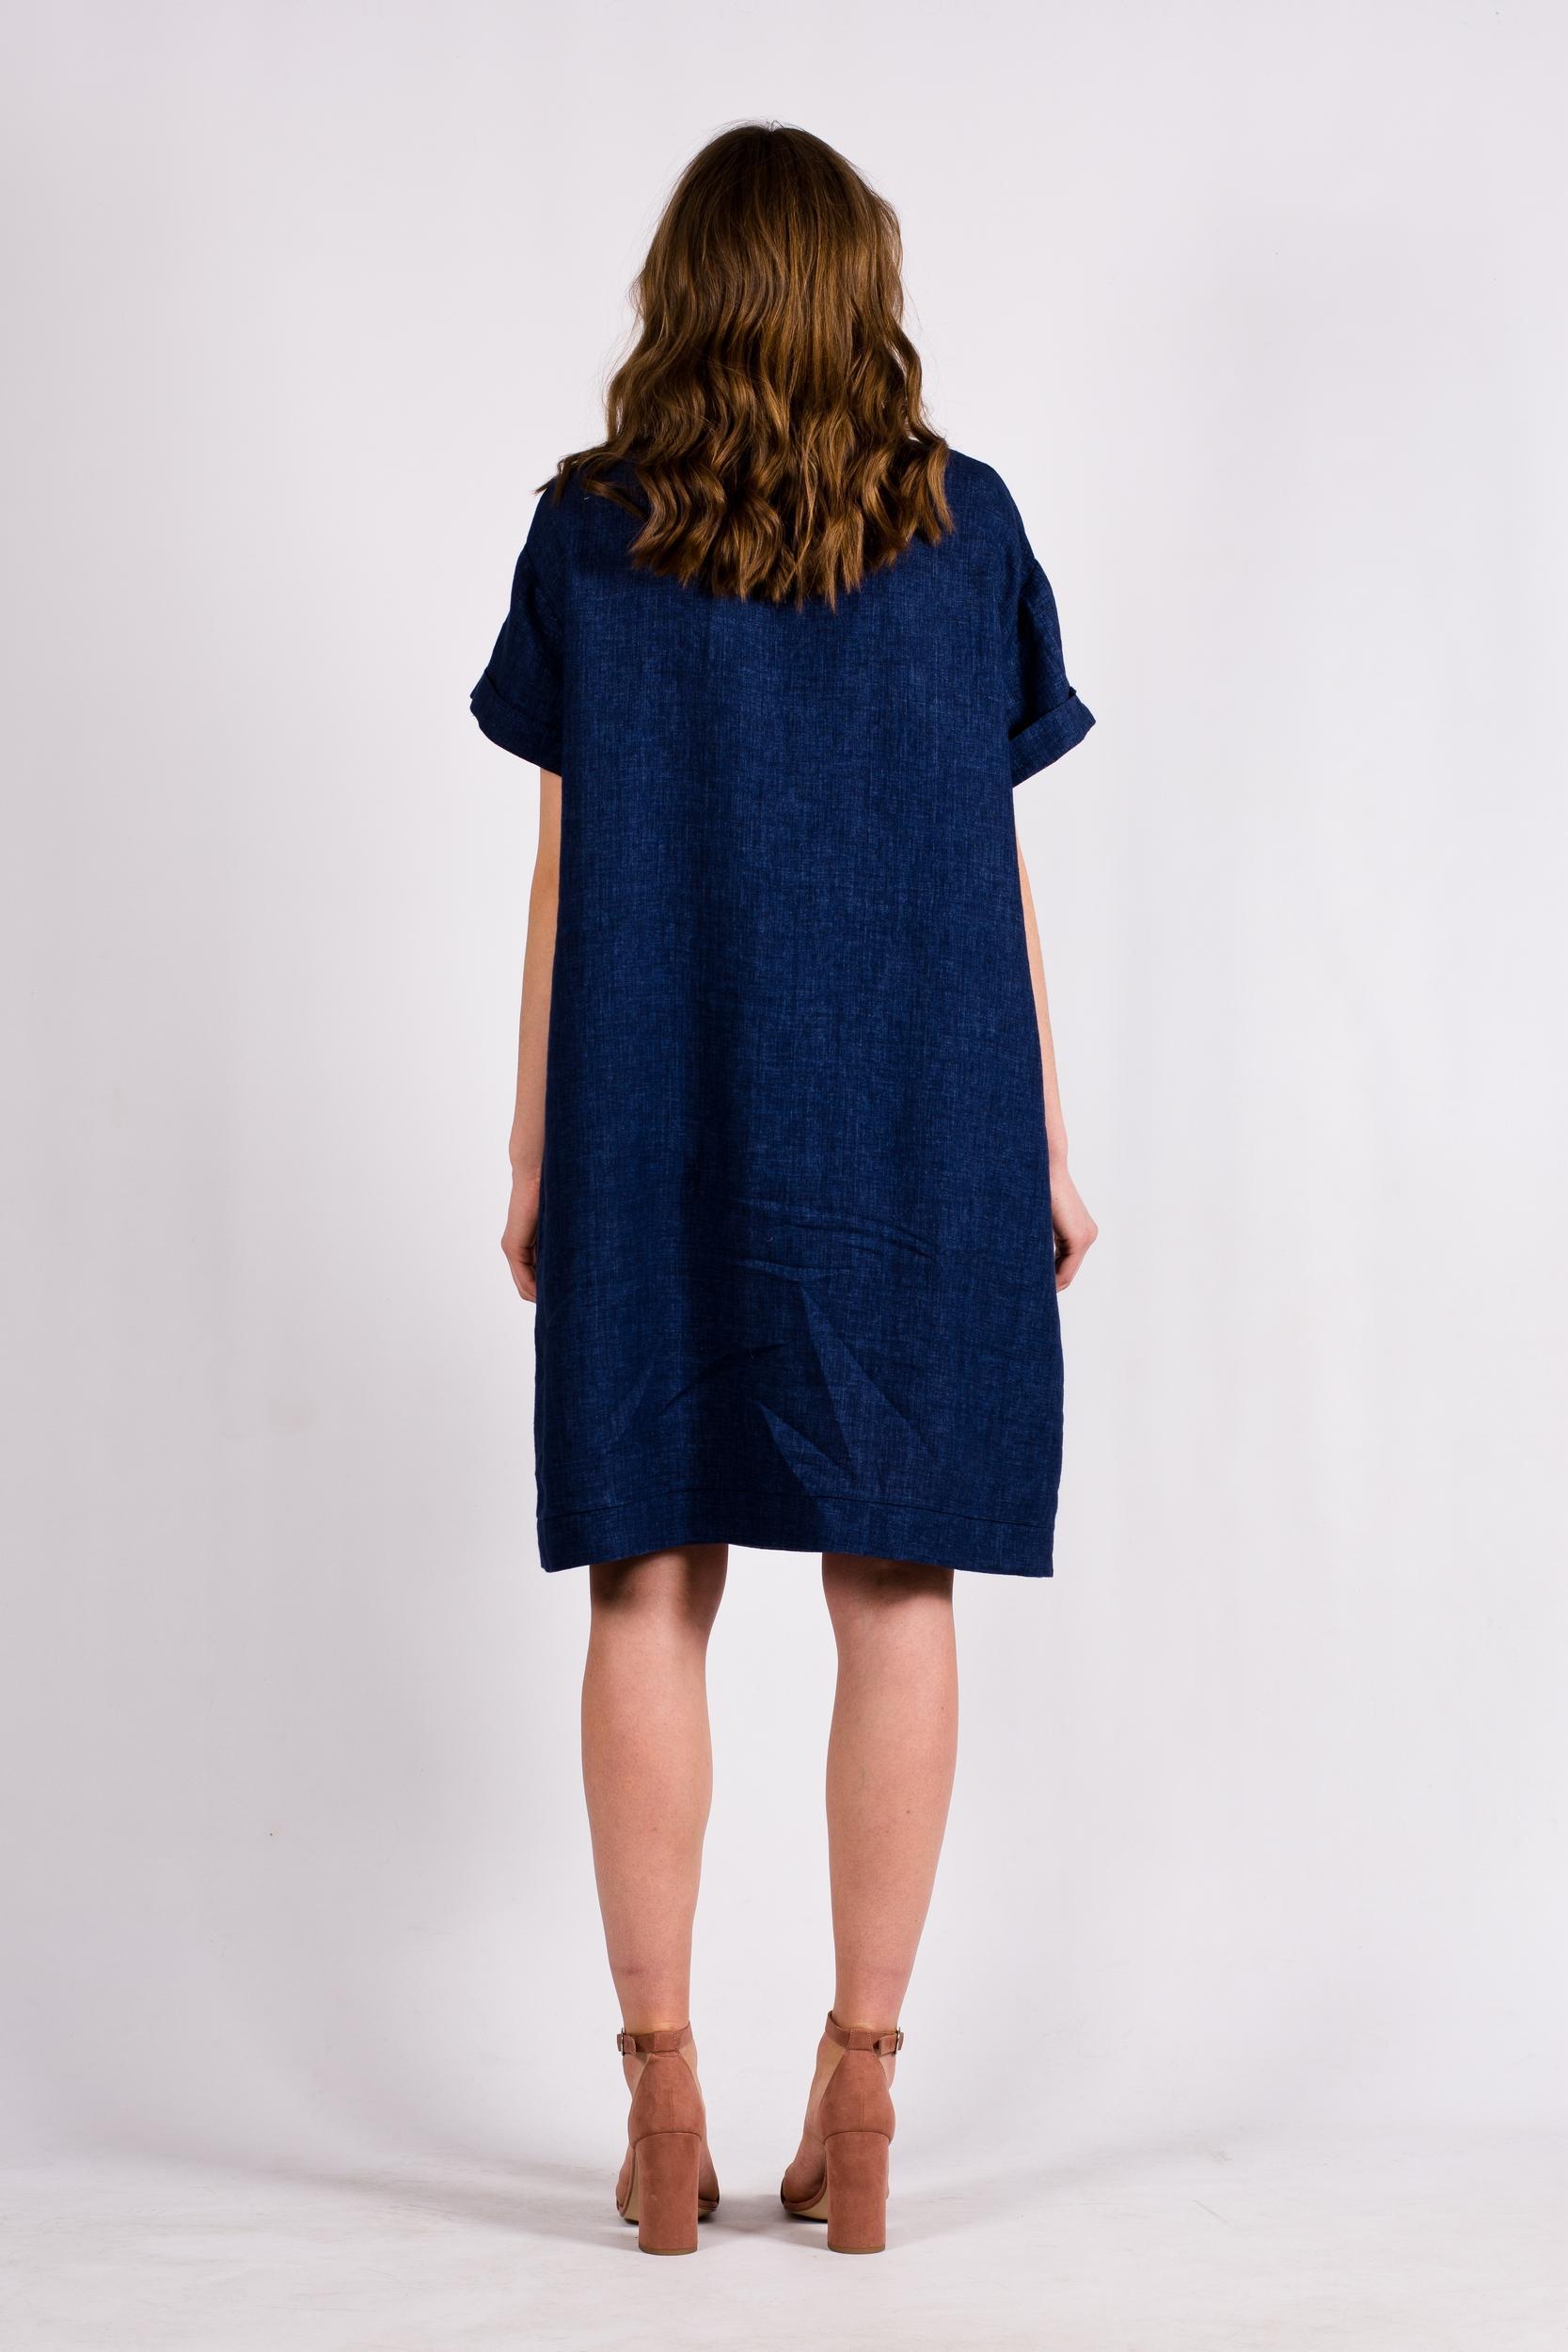 Denim blue linen dress tunic